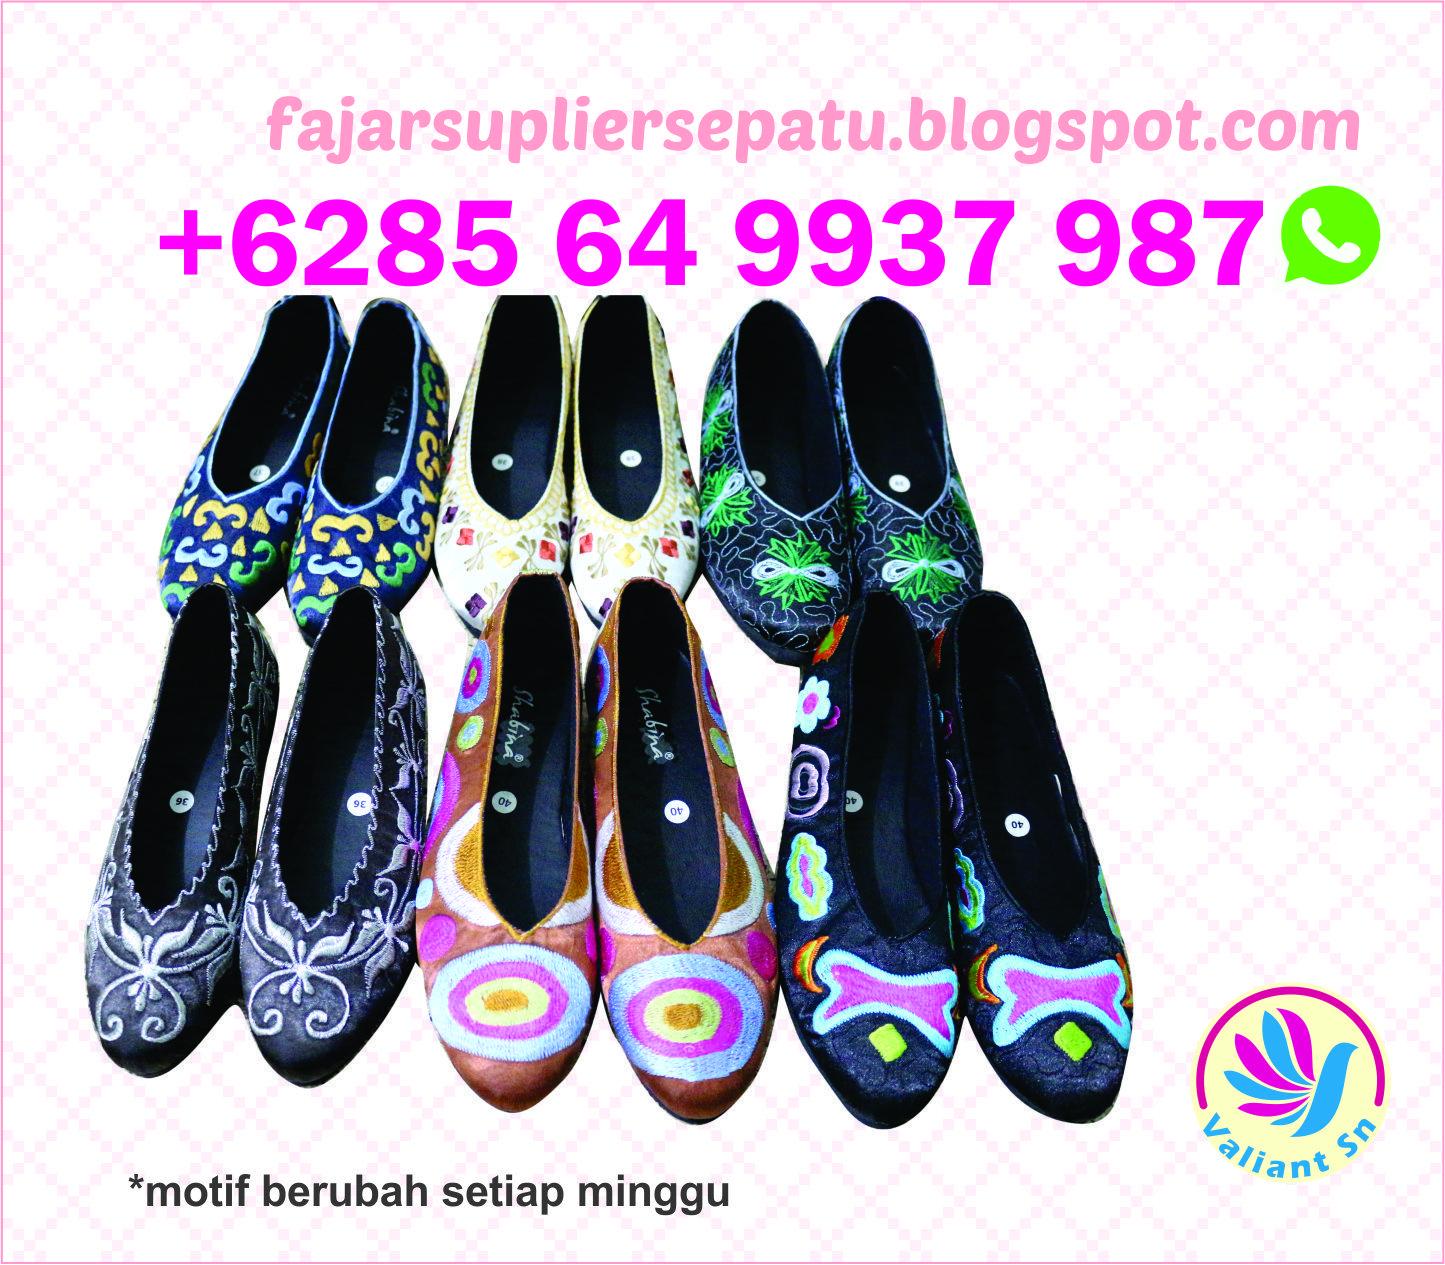 Grosir Sepatu Bordir Purwokerto Grosir Sepatu Bordir Bali Grosir